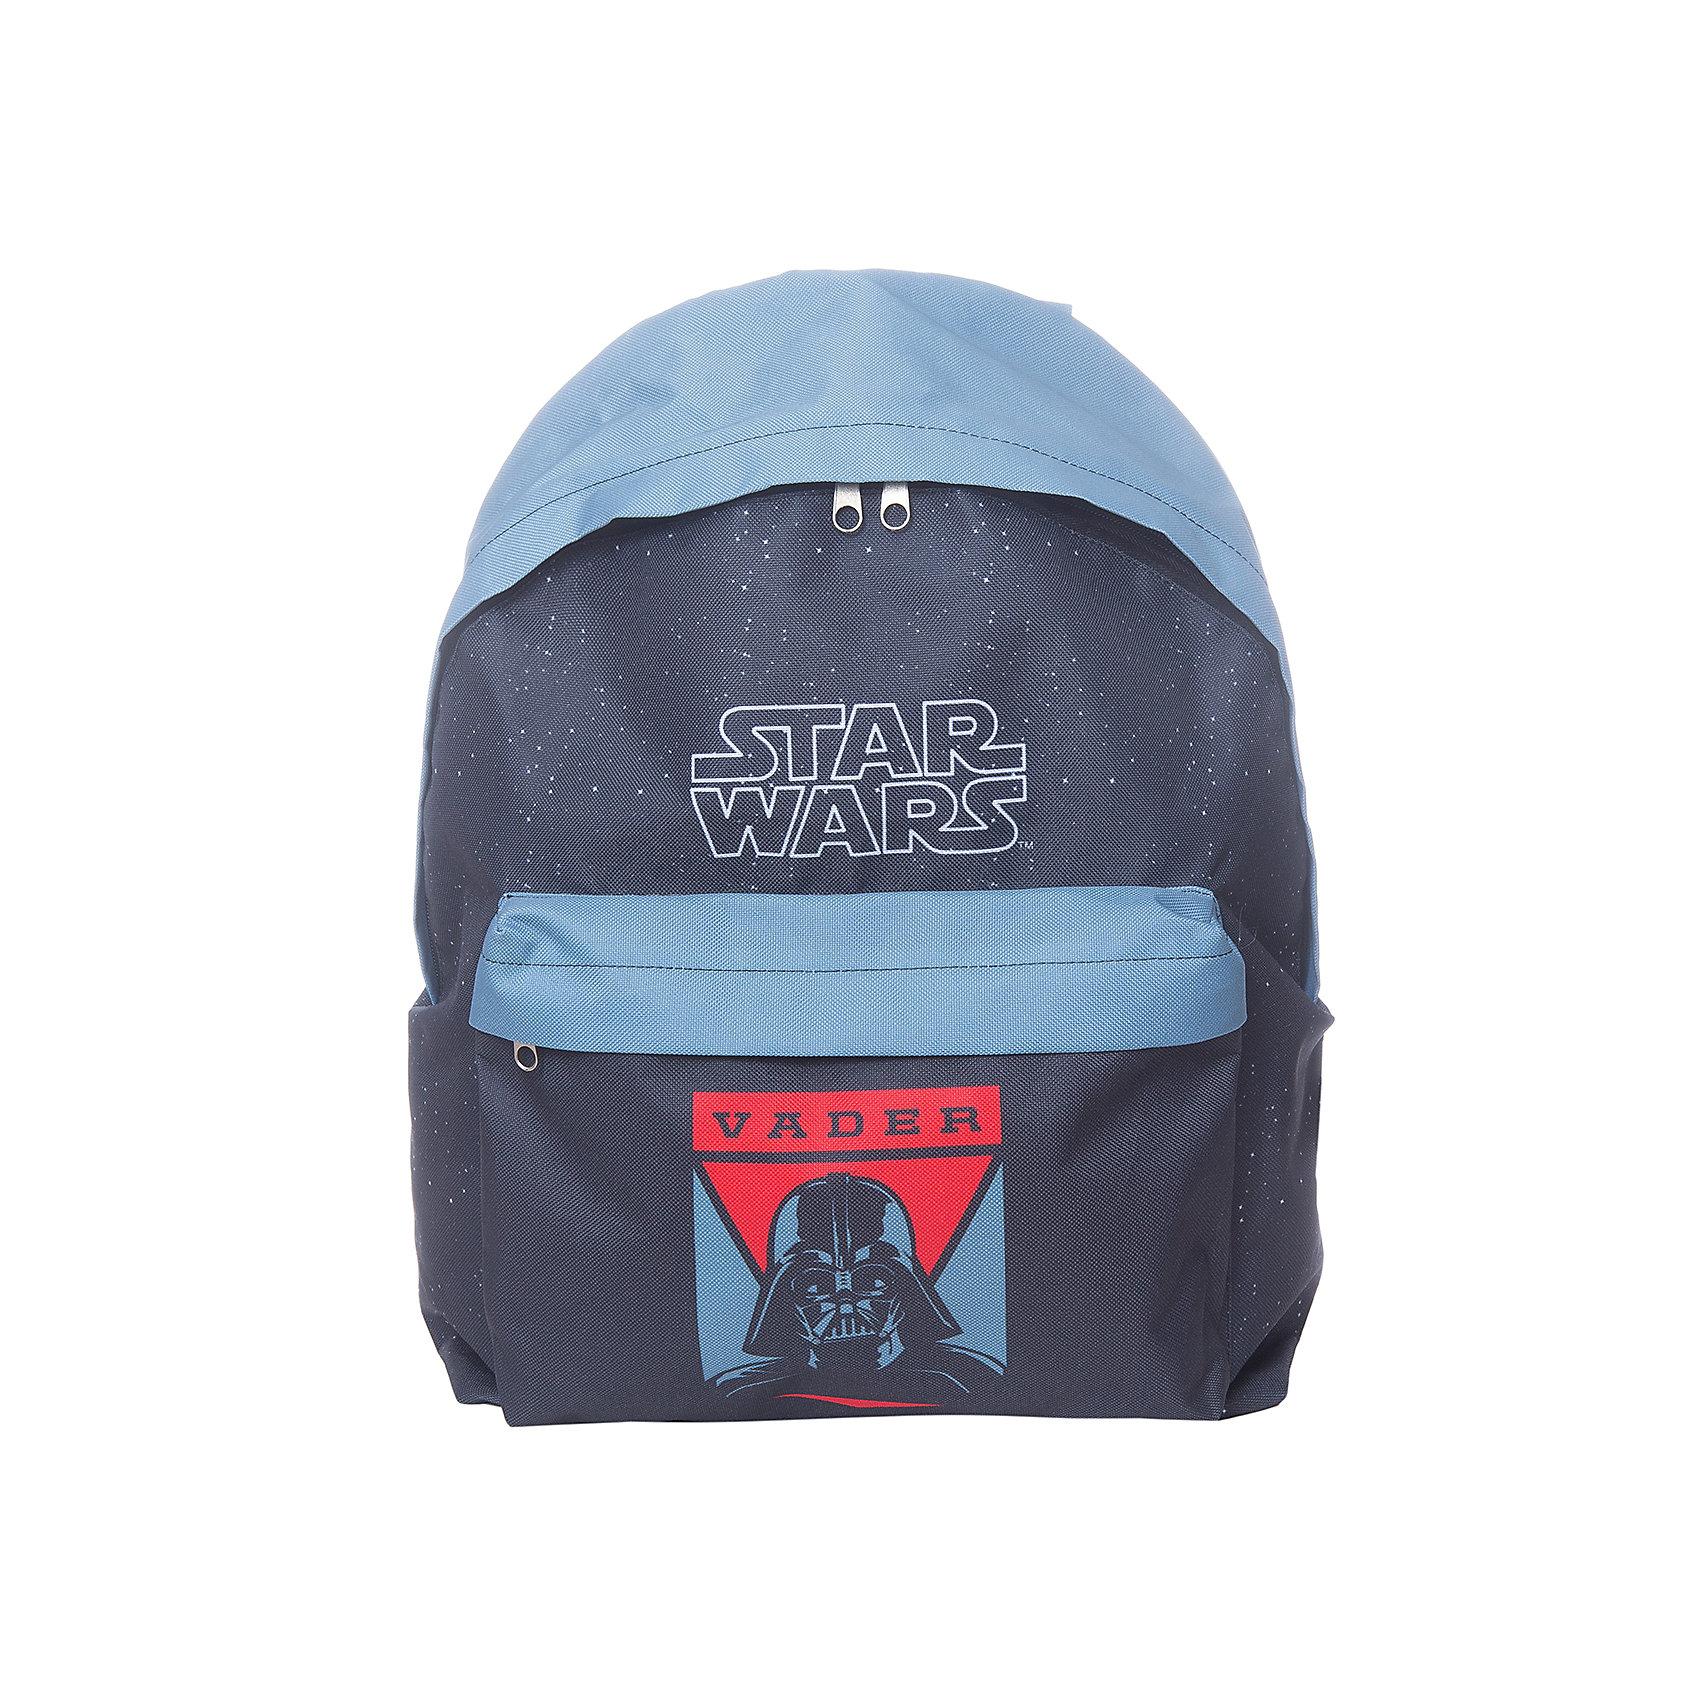 Рюкзак молодежный Star WarsЗвездные войны<br>Характеристики товара:<br><br>• серия: Star Wars;<br>• материал: полиэстер;<br>• размер: 40х30х15 см;<br>• уплотненная спинка для ровной осанки;<br>• мягкие регулируемые лямки для комфортной носки и  распределения веса;<br>• водонепроницаемый материал для защиты от влаги и загрязнений;<br>• стойкие к выгоранию на солнце краски;<br>• ручка-петля для переноски и подвешивания;<br>• большой передний карман на молнии;<br>• страна изготовитель: Китай;<br>• страна бренда: Германия.<br><br>Рюкзак молодежный ErichKrause EasyGo - практичный и легкий рюкзак для подростков, который подойдет для занятий спортом, для прогулок, повседневной носки. <br><br>Рюкзак спортивный Star Wars можно купить в нашем интернет-магазине.<br><br>Ширина мм: 400<br>Глубина мм: 390<br>Высота мм: 180<br>Вес г: 348<br>Возраст от месяцев: 72<br>Возраст до месяцев: 168<br>Пол: Мужской<br>Возраст: Детский<br>SKU: 6842717